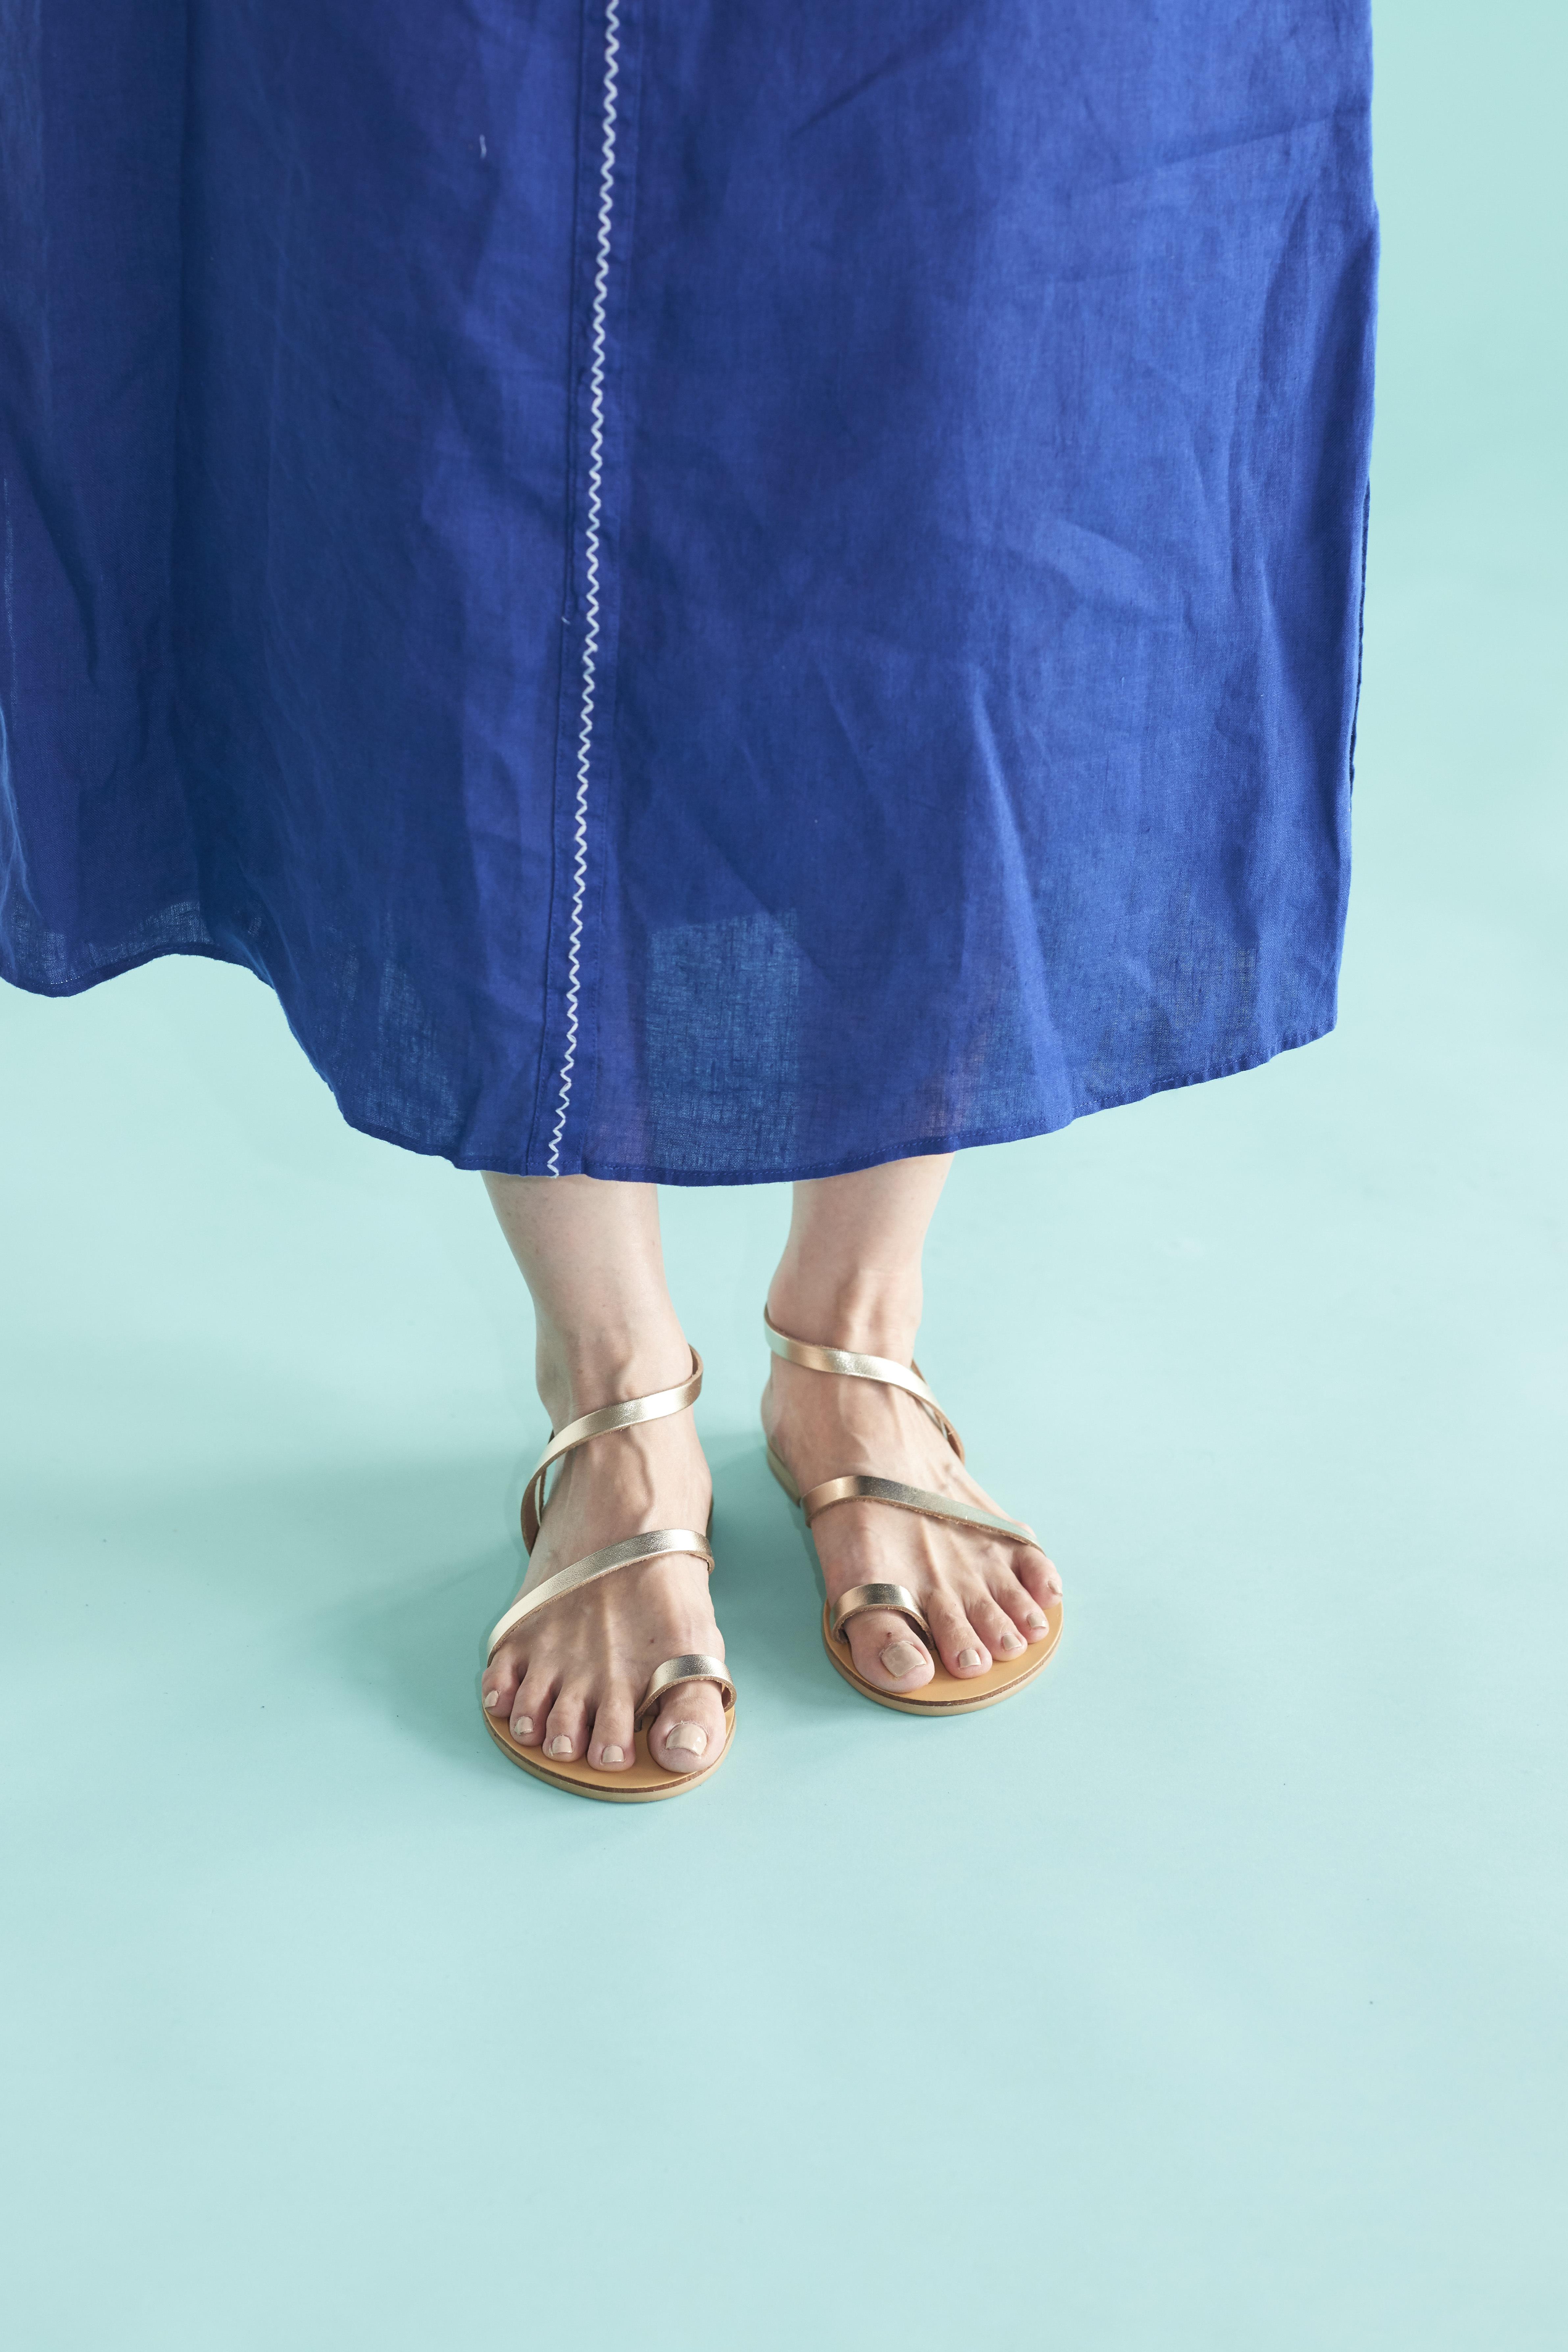 NICOLAS LAINAS sandal